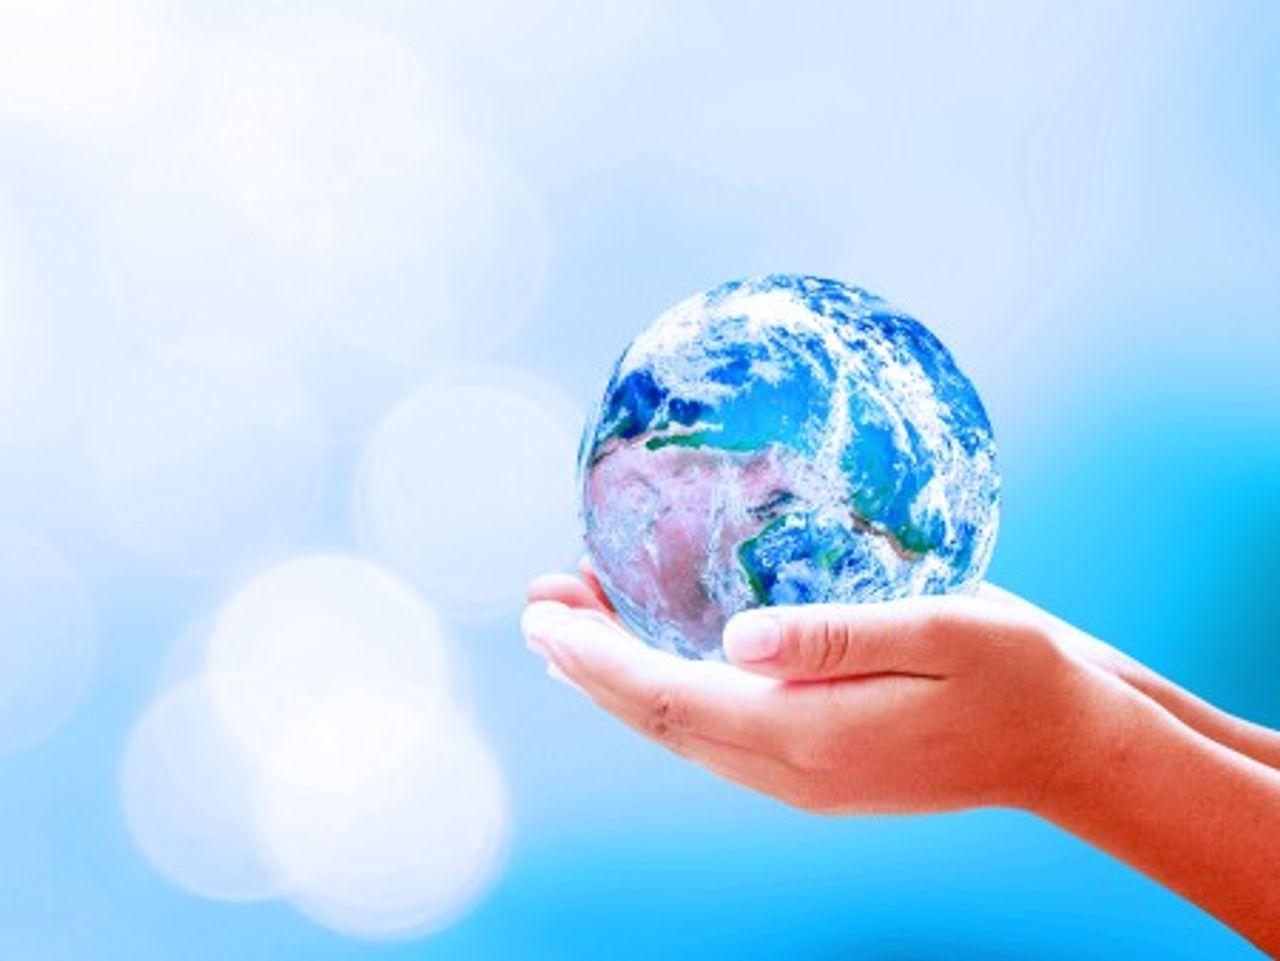 Dve ruky držia v jednej ruke sklenený glóbus na modrom pozadí